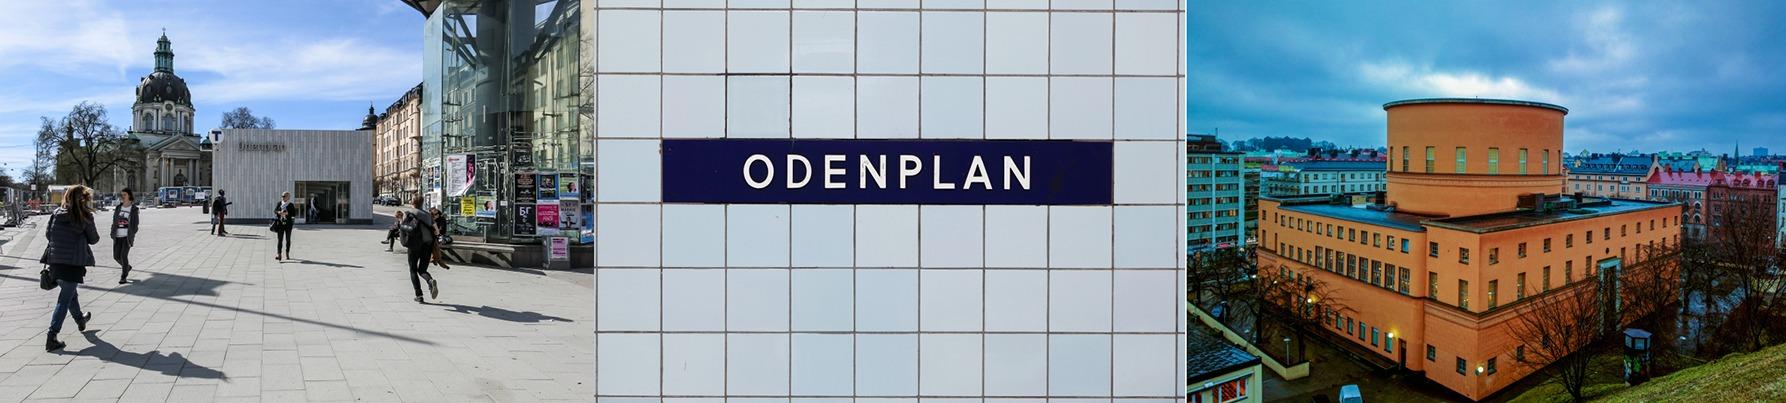 Tandläkare Odenplan